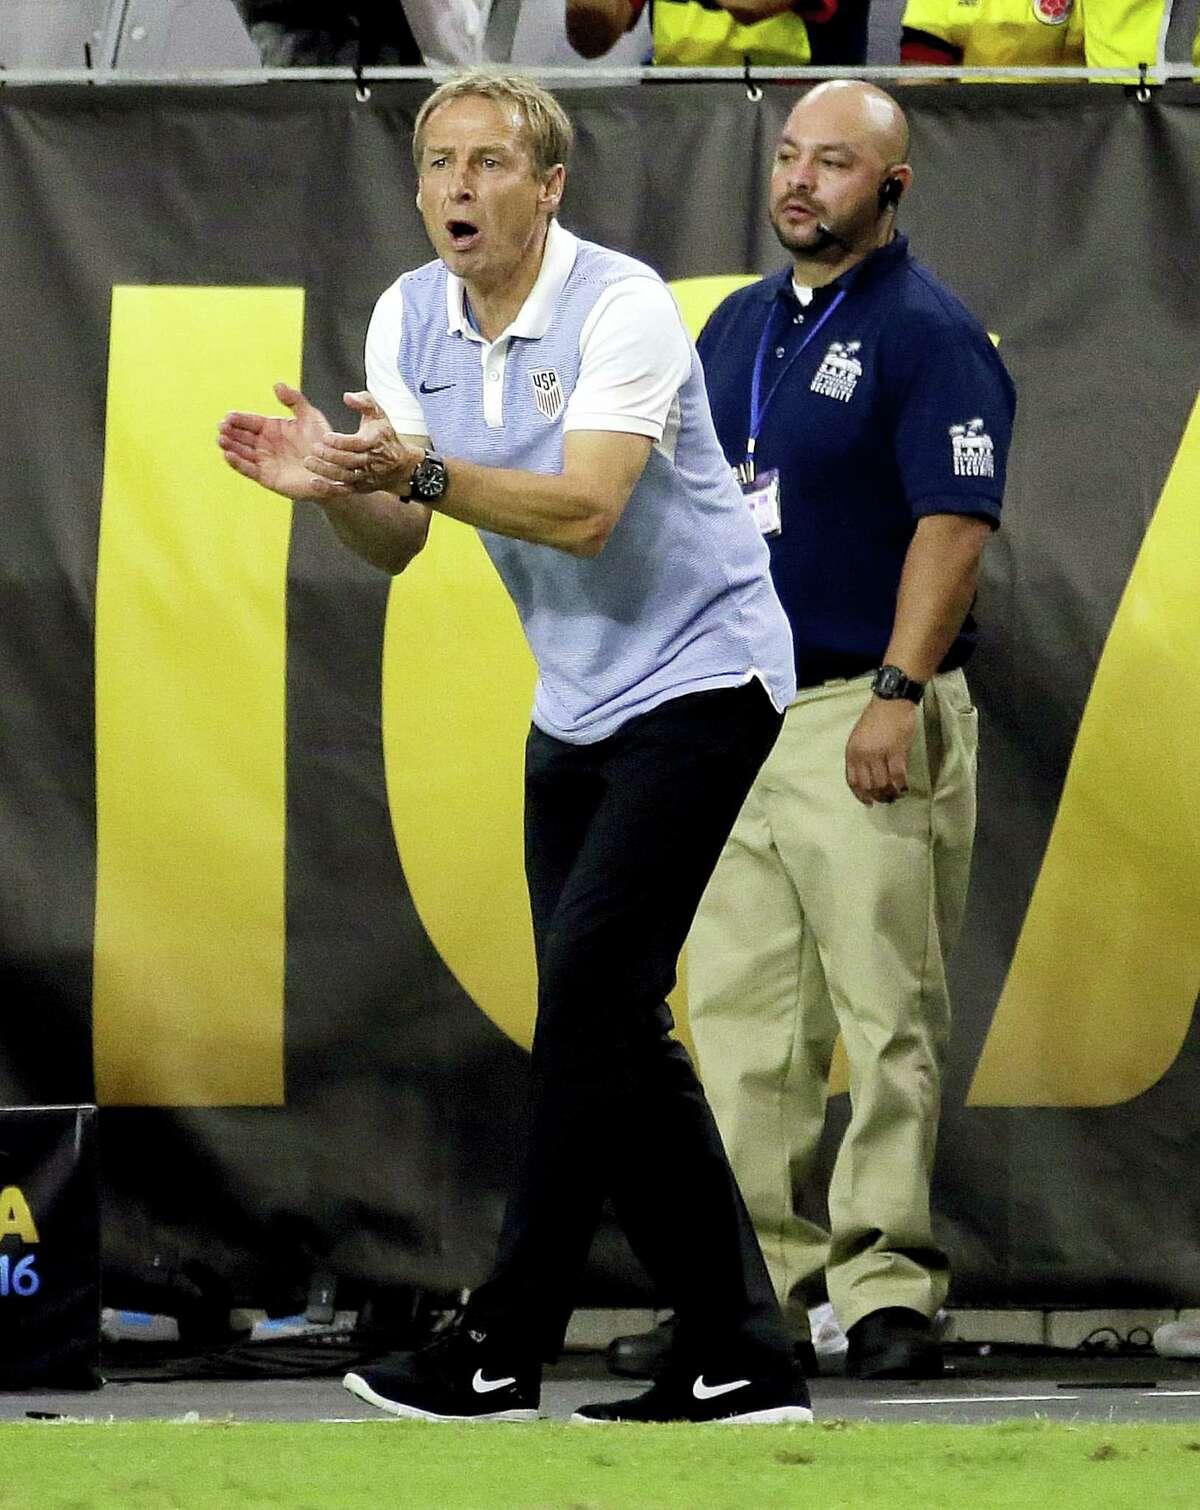 United States head coach Jürgen Klinsmann.